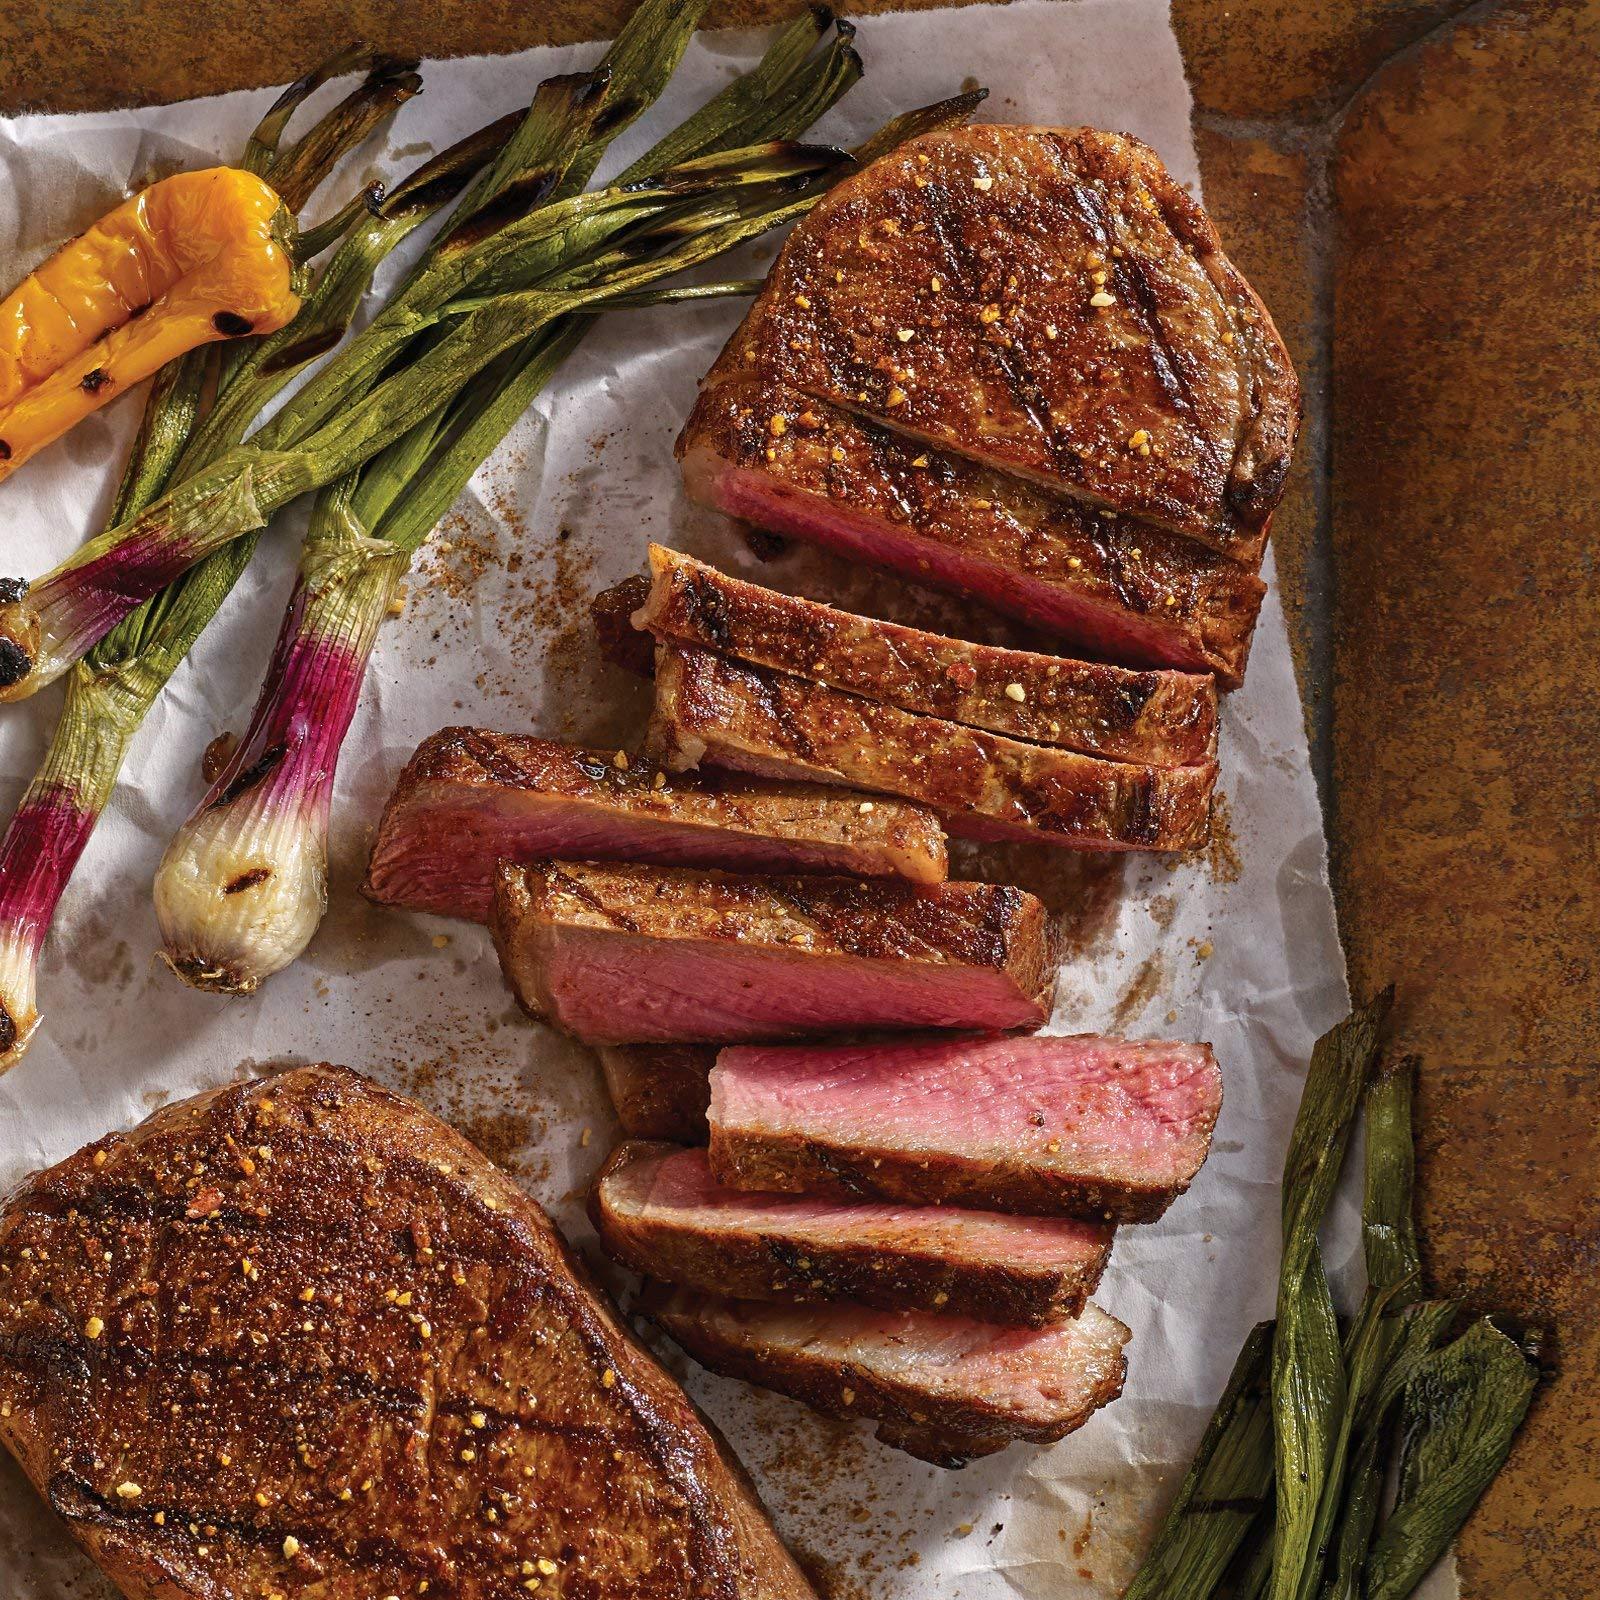 Omaha Steaks 2 (8 oz.) Boneless New York Strips